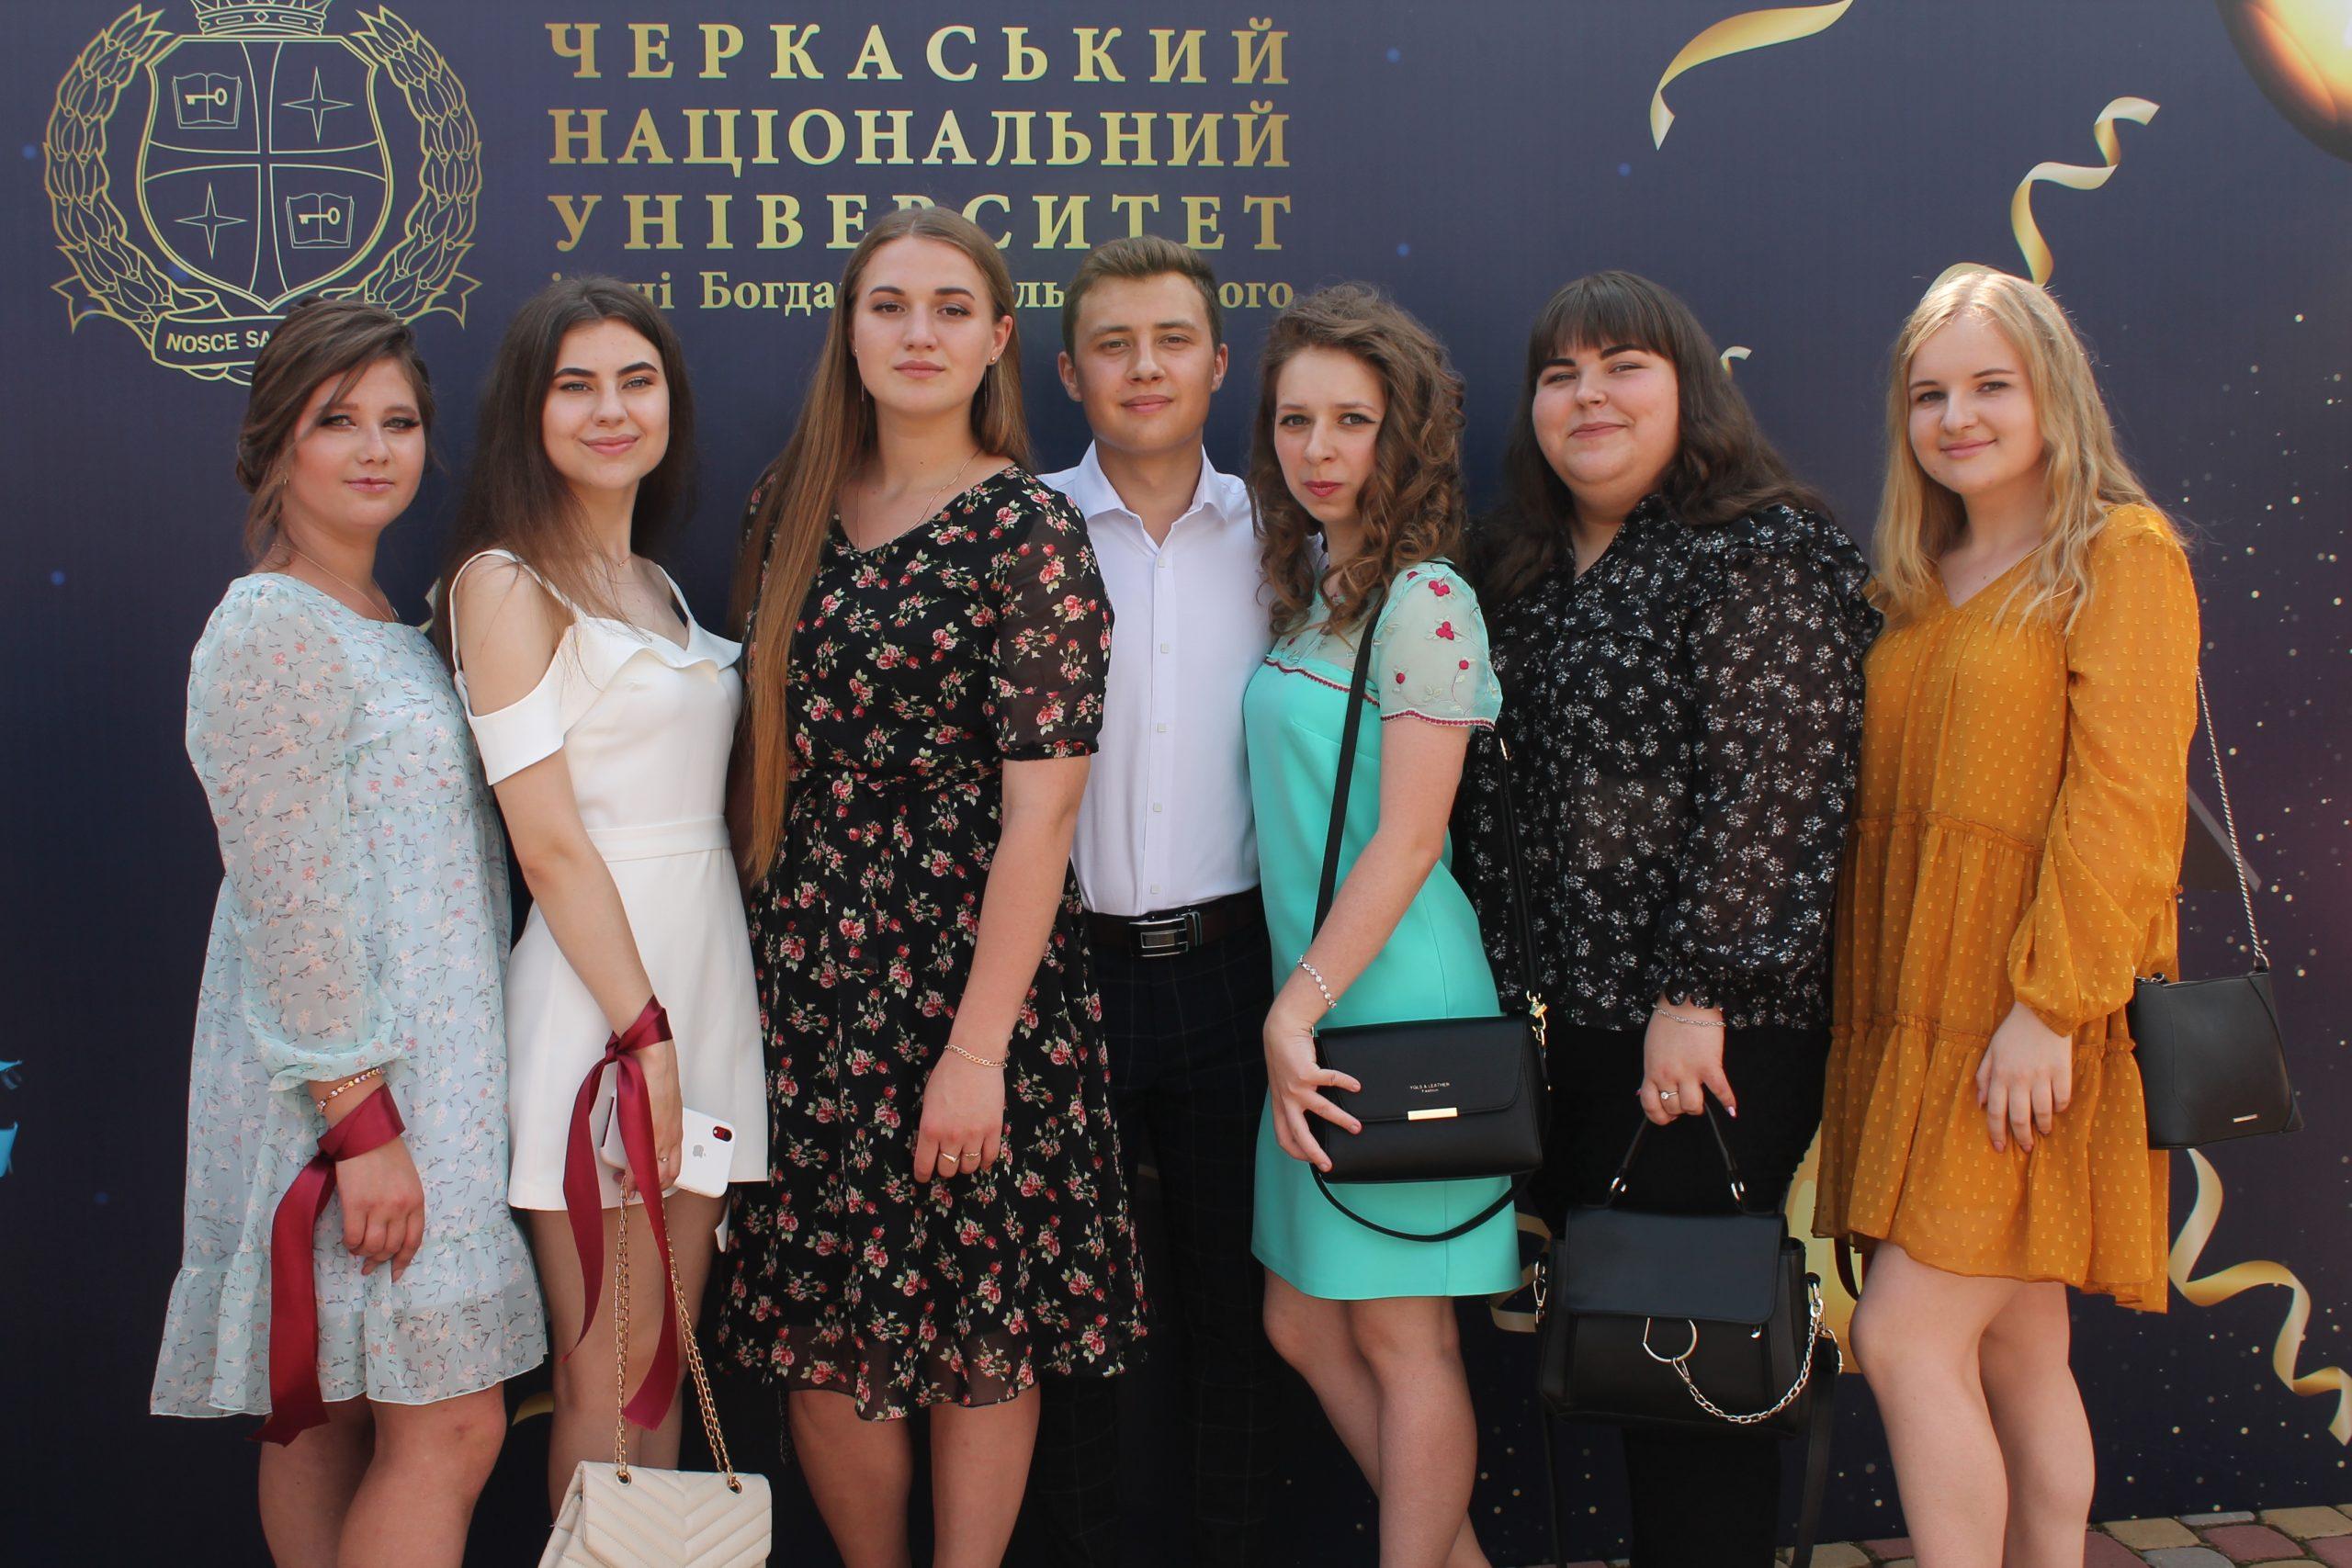 У Черкаському національному відбувся випуск студентів